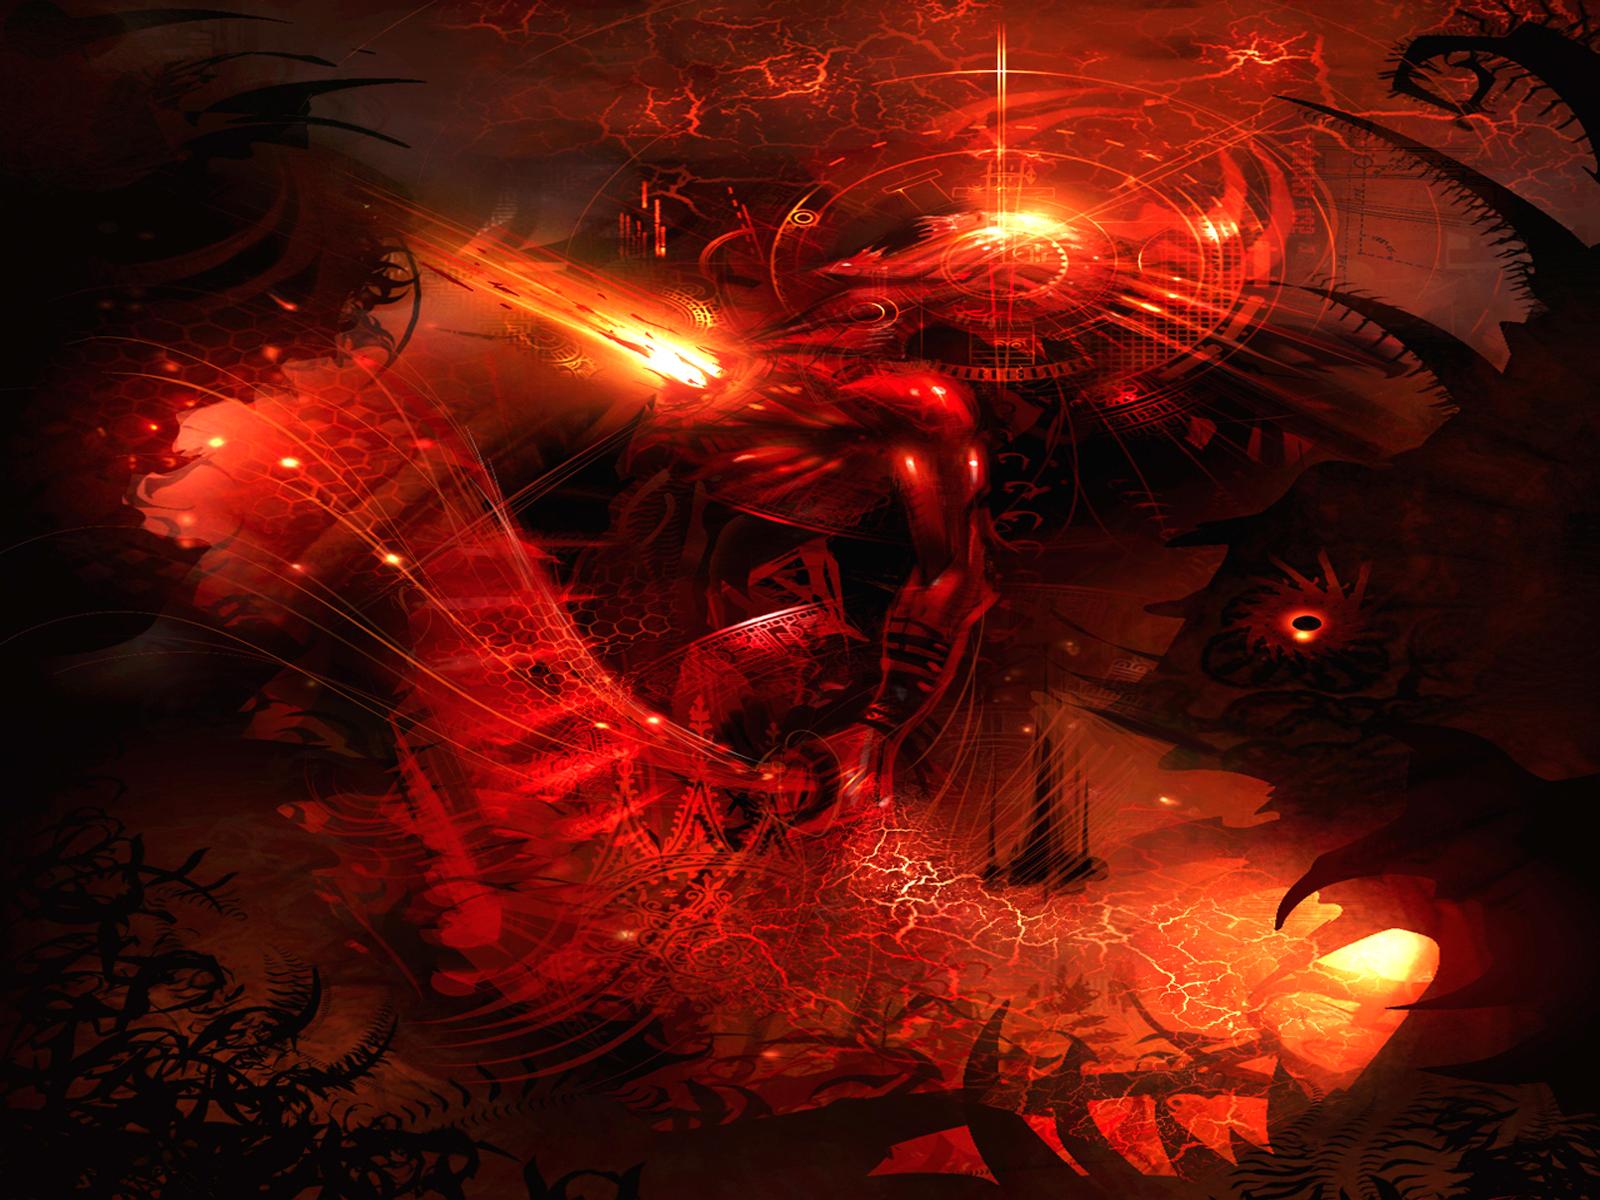 Fantascienza - Astratto  Cosmic Battle Warped Reality Sfondo